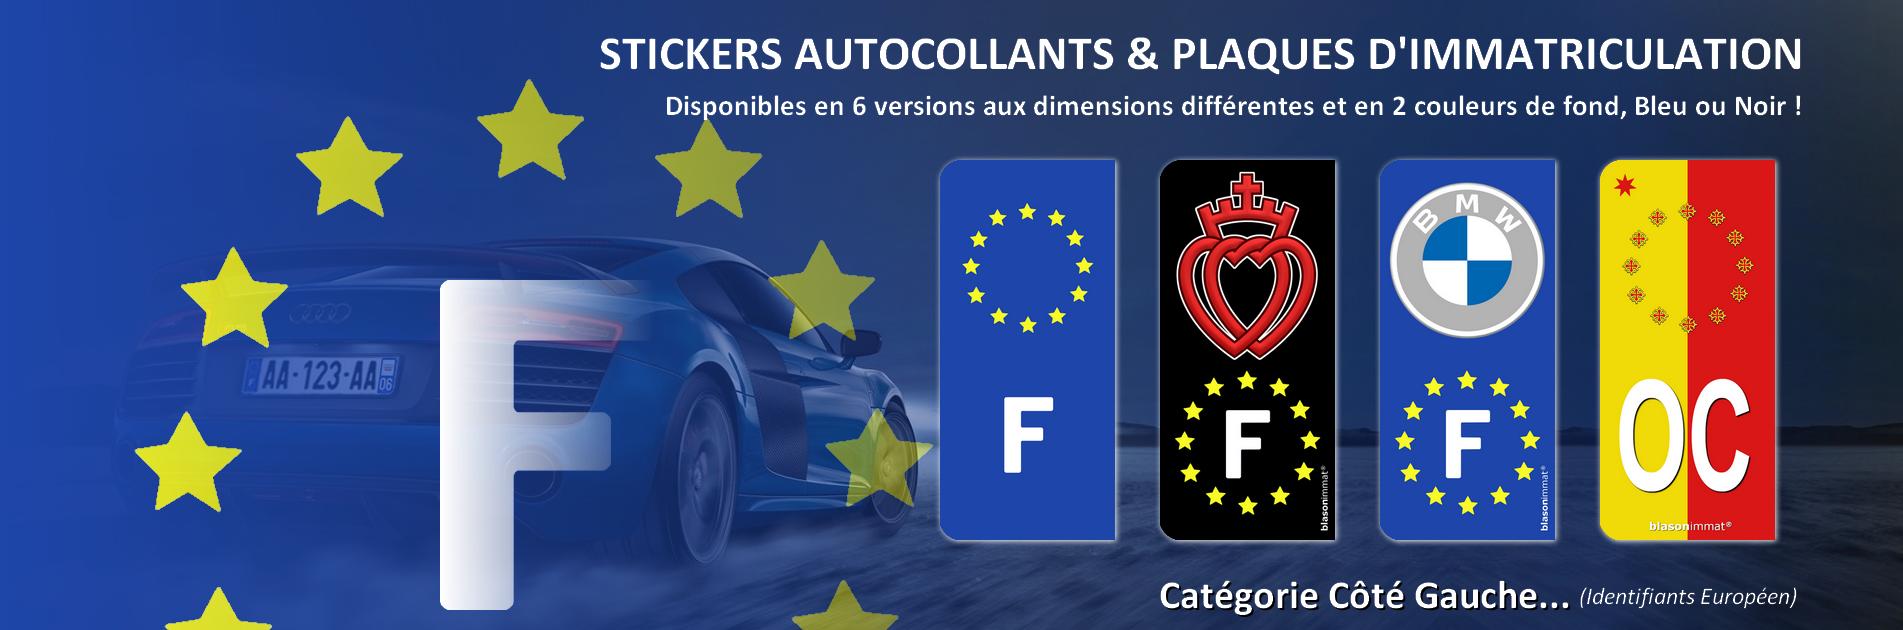 Autocollant et plaque d'immatriculation - Côté Gauche Identifiants Européen